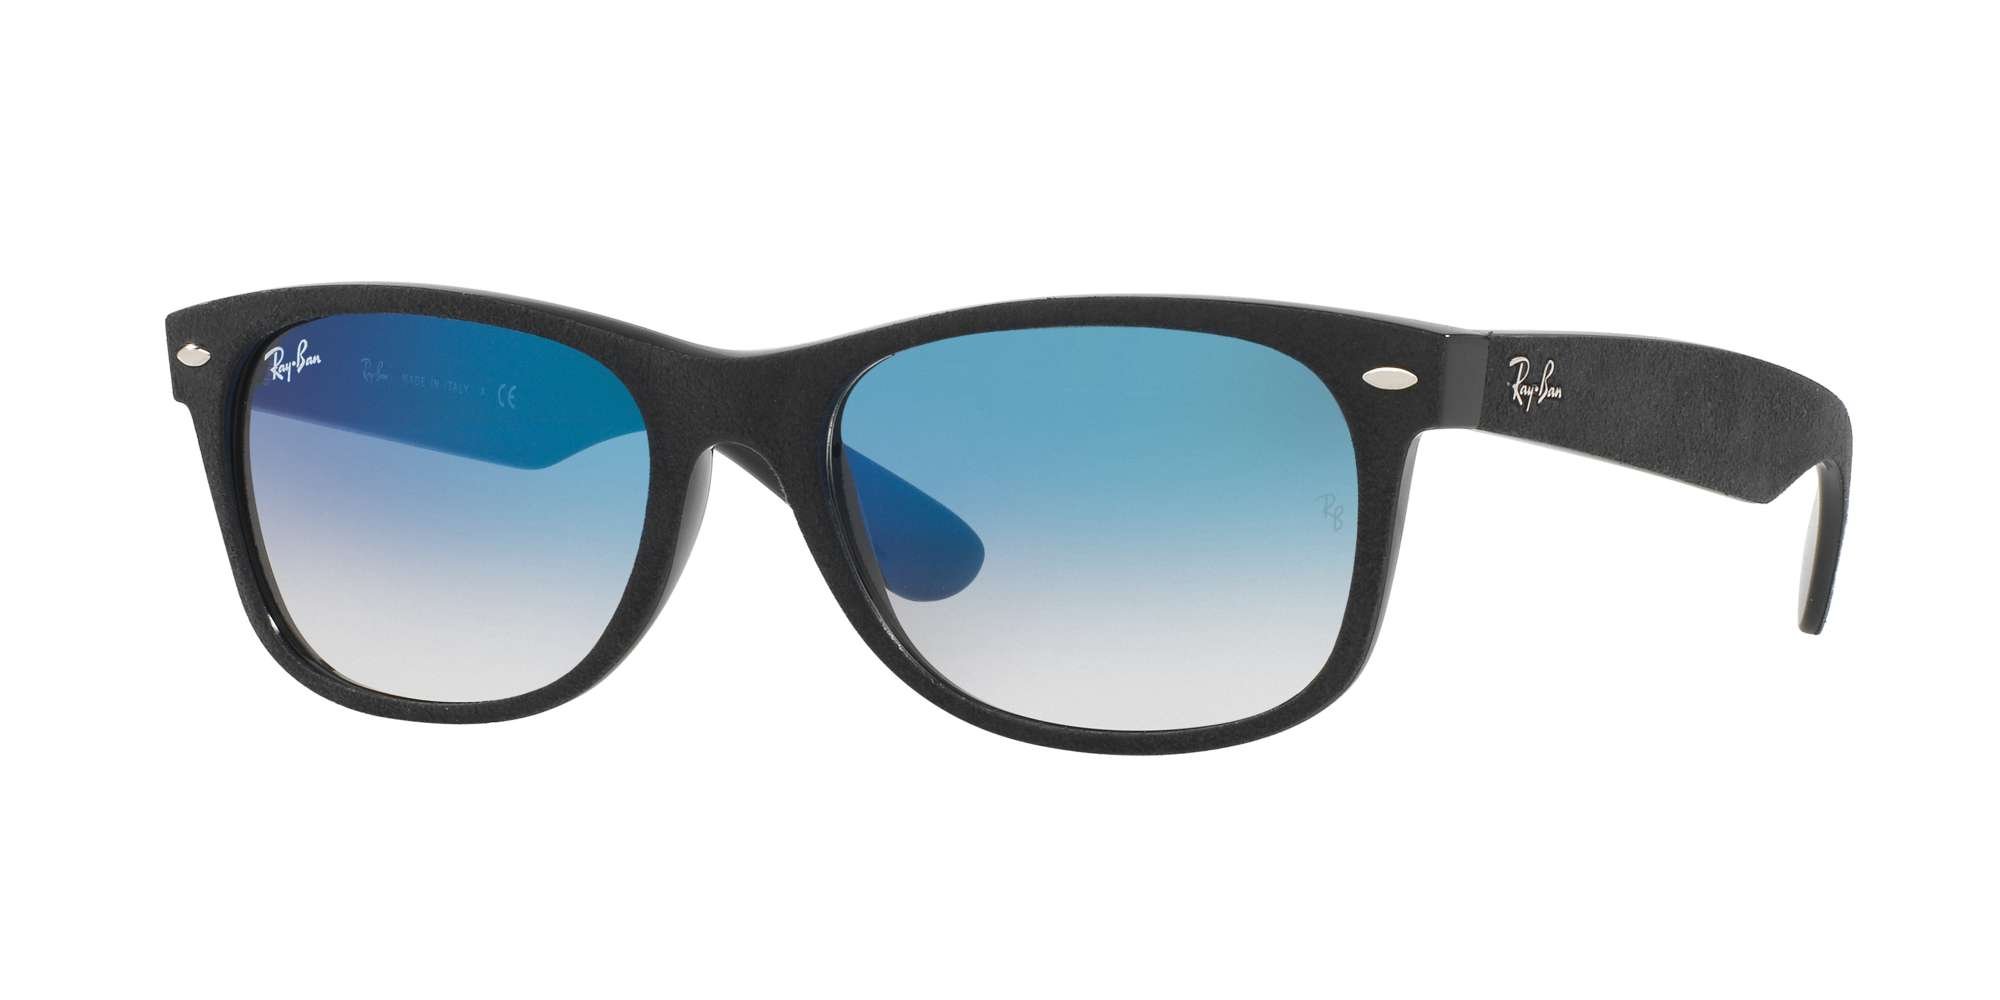 BLACK/TOP BLACK ALCANTAR / BLUE GRADIENT lenses